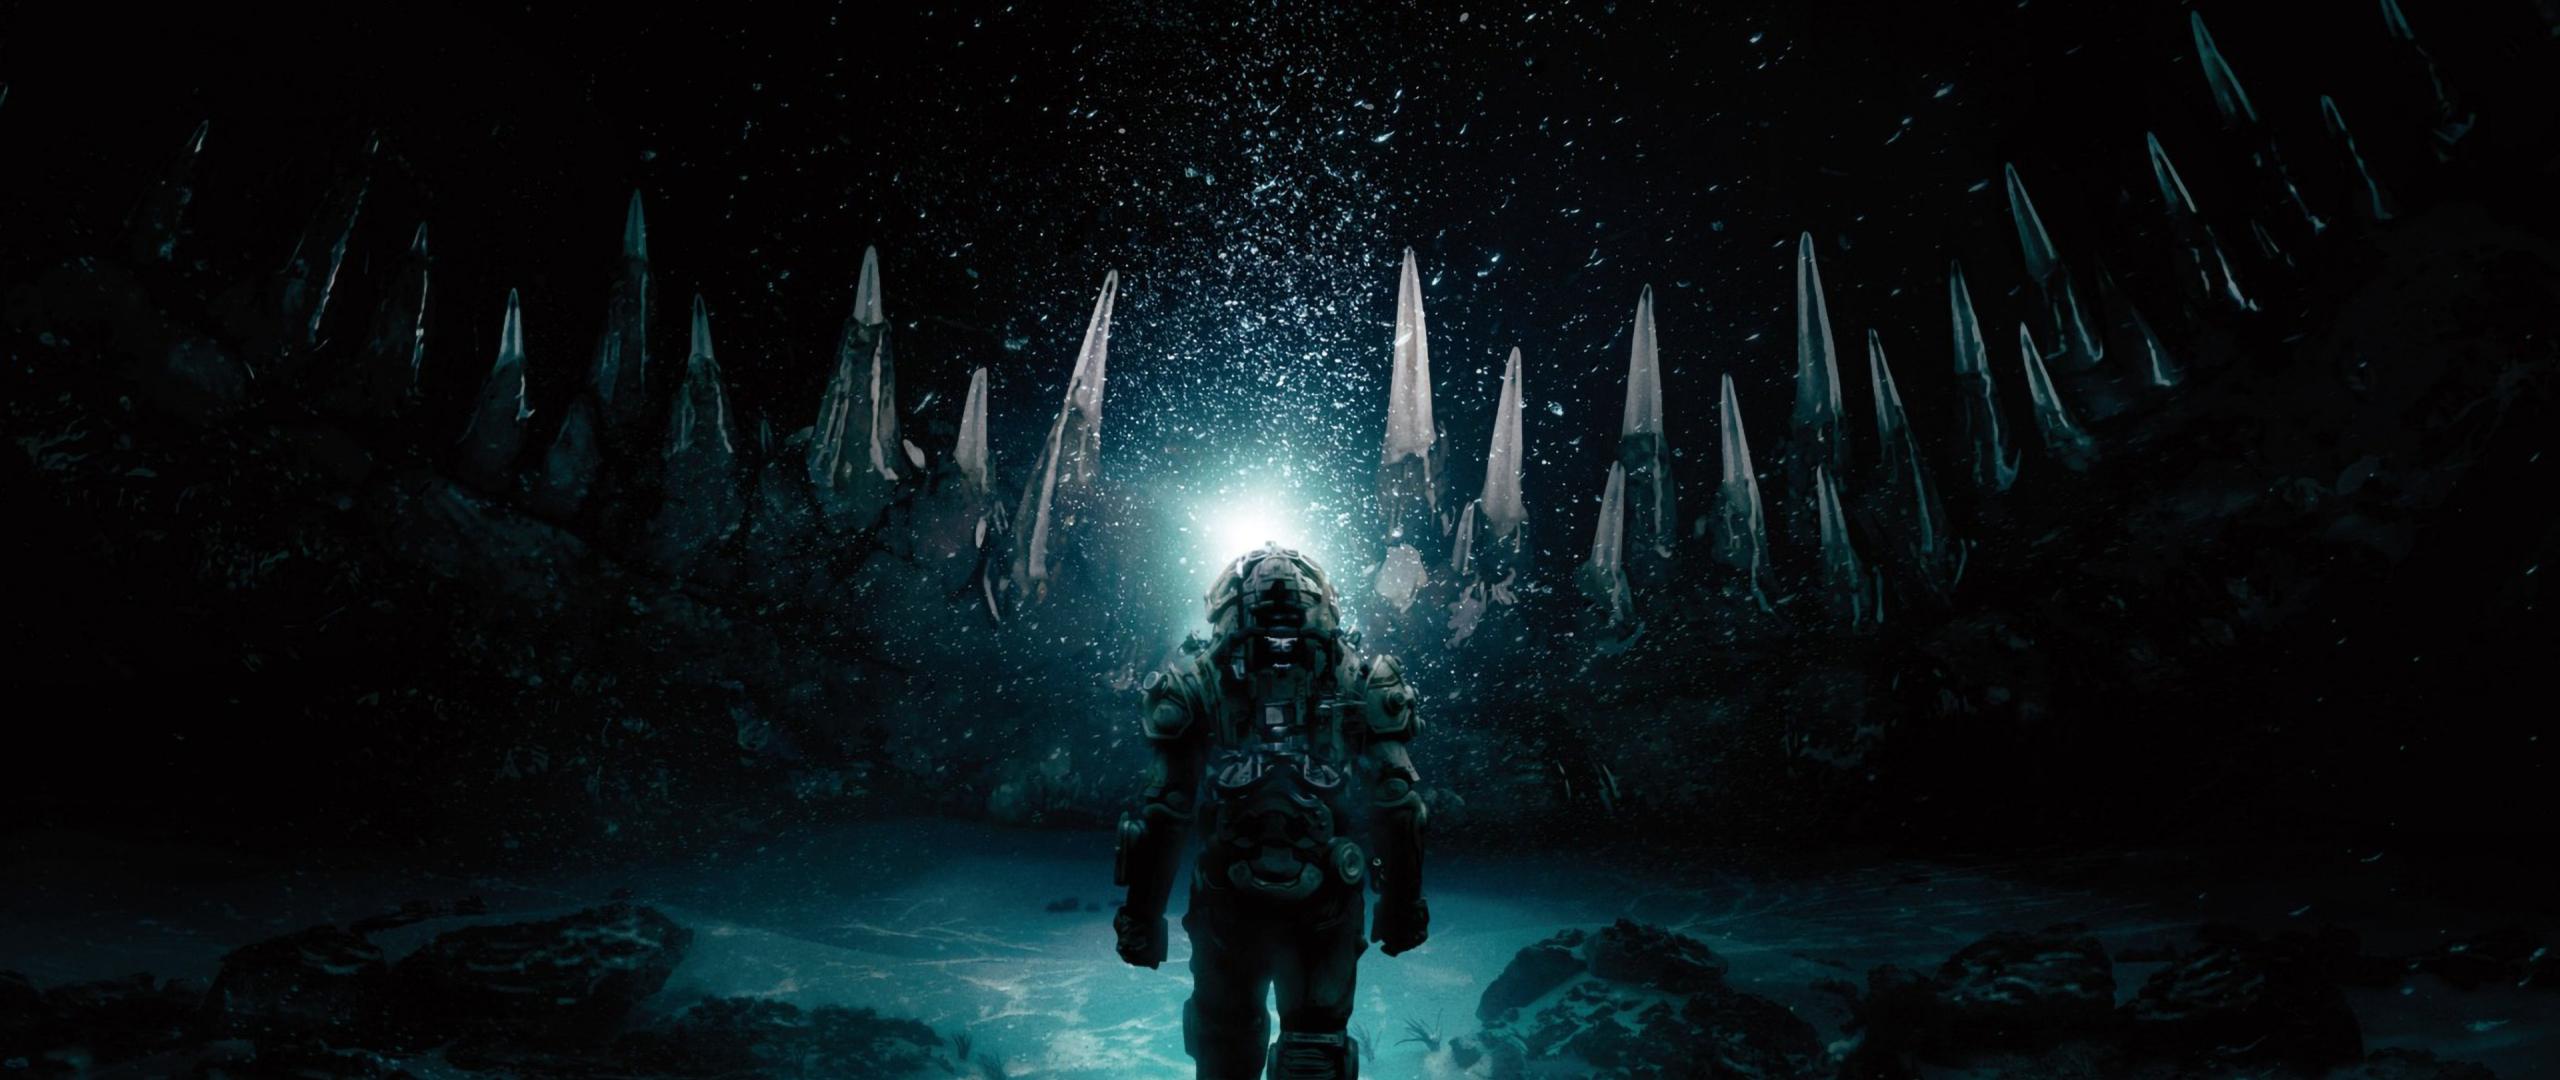 2560x1080 Underwater 2020 Movie 2560x1080 Resolution Wallpaper HD 2560x1080